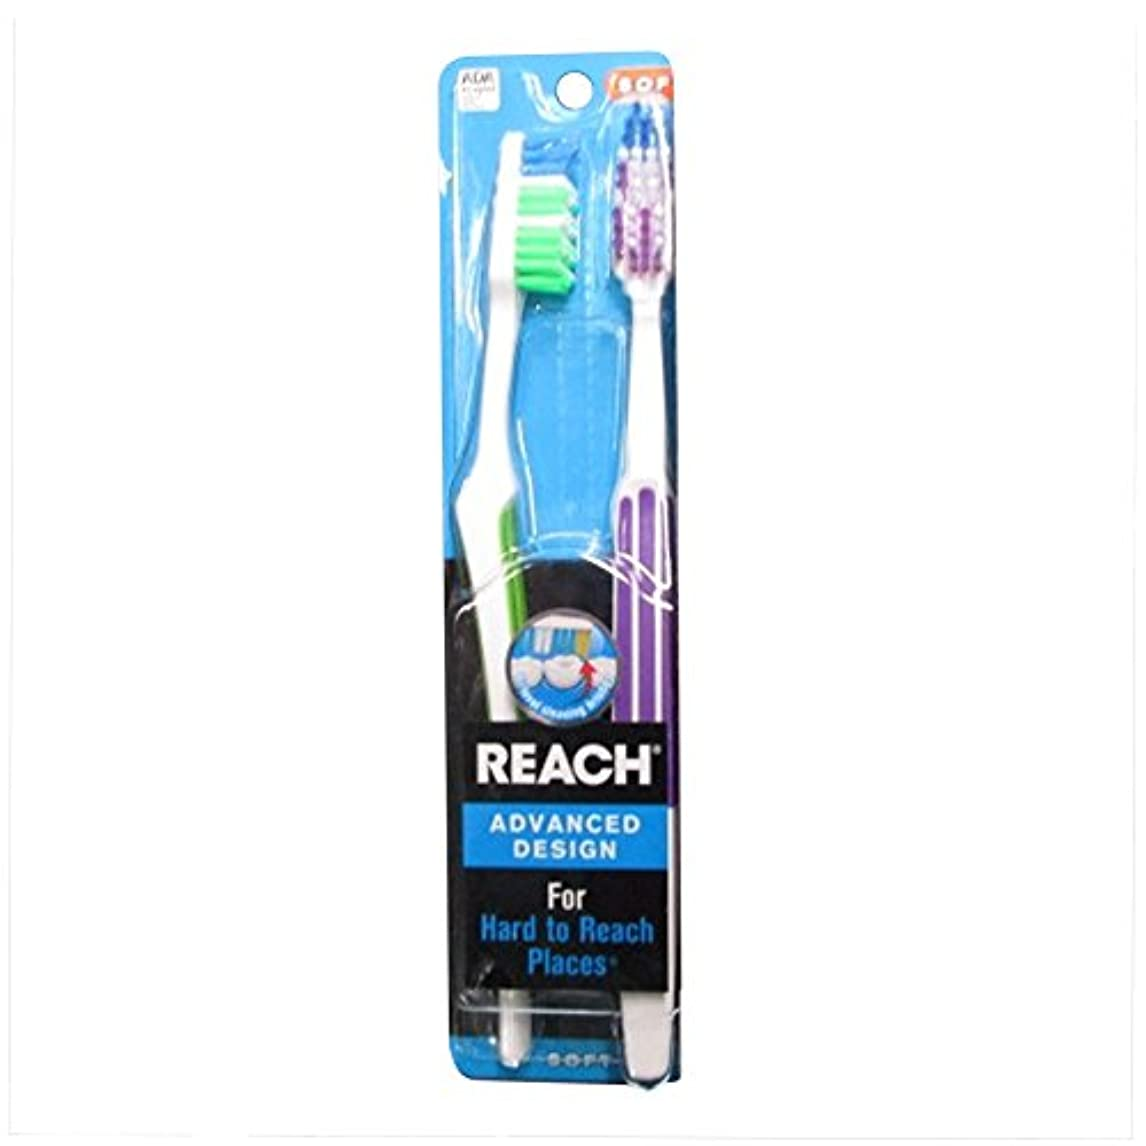 崩壊狂乱分散Reach 高度なデザイン完全な頭部柔らかい歯ブラシ、盛り合わせ色、2カウント(2パック)合計4歯ブラシ